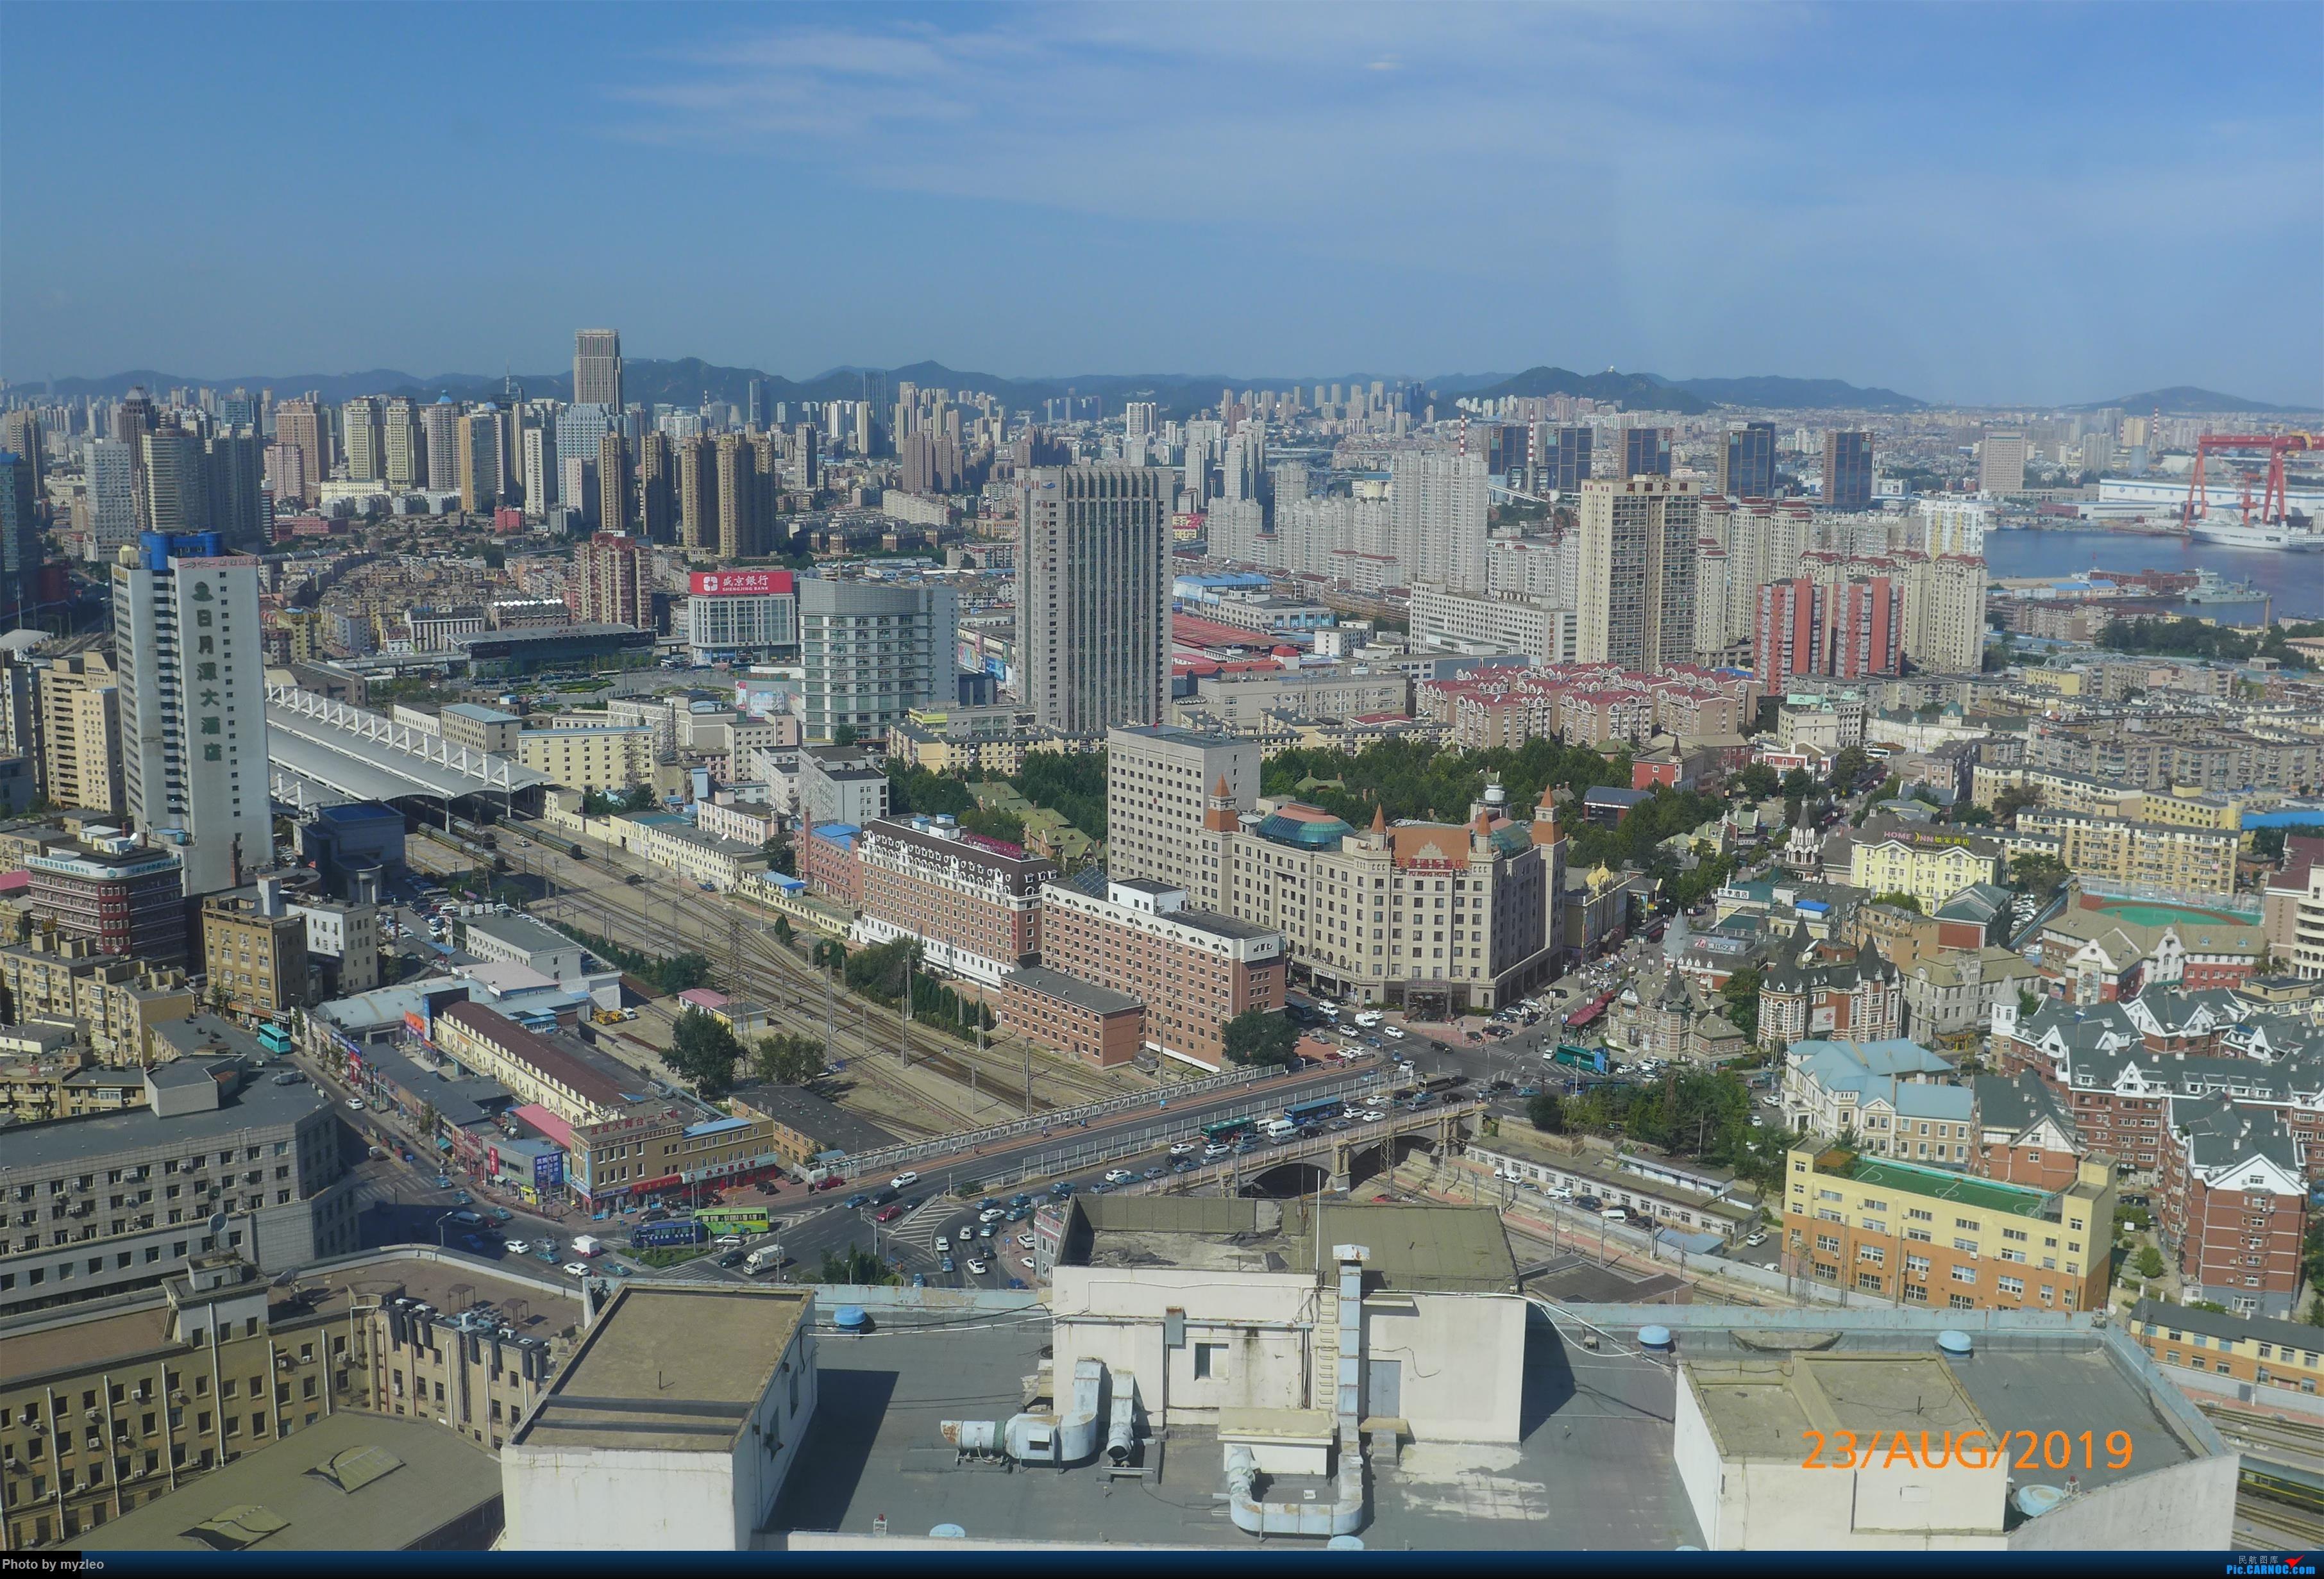 [原创]【myzleo的游记5.3】在大连各景点穿梭不停,坐东航319返回上海